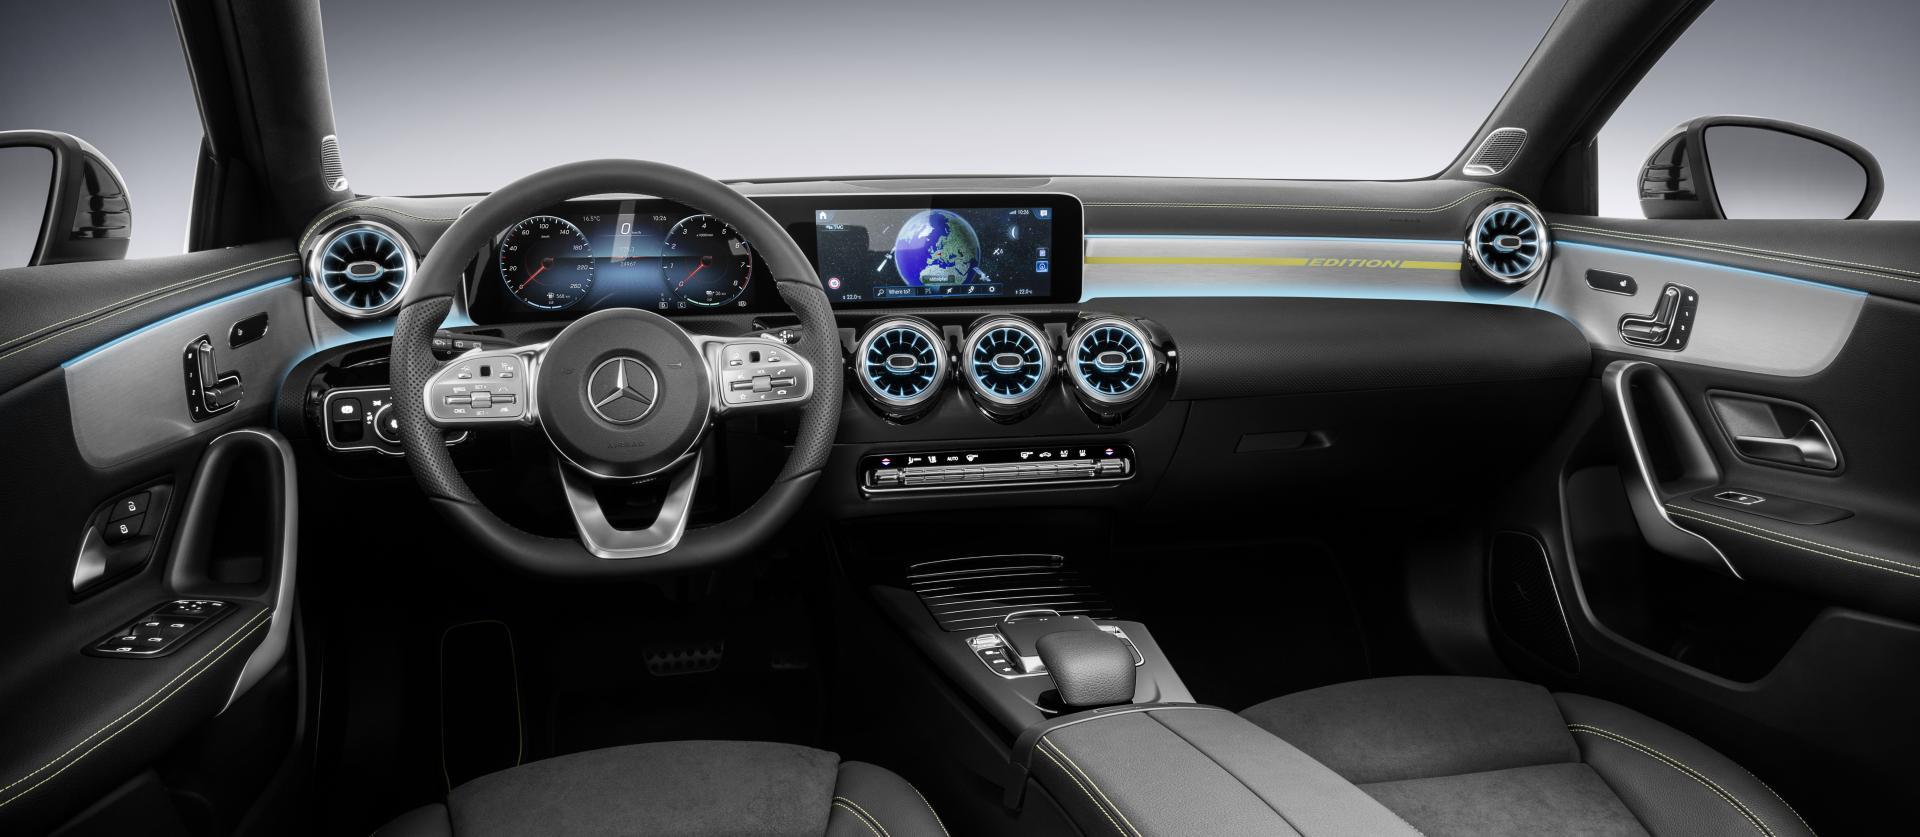 Nieuwe mercedes a klasse krijgt s klasse interieur for Mercedes a klasse amg interieur